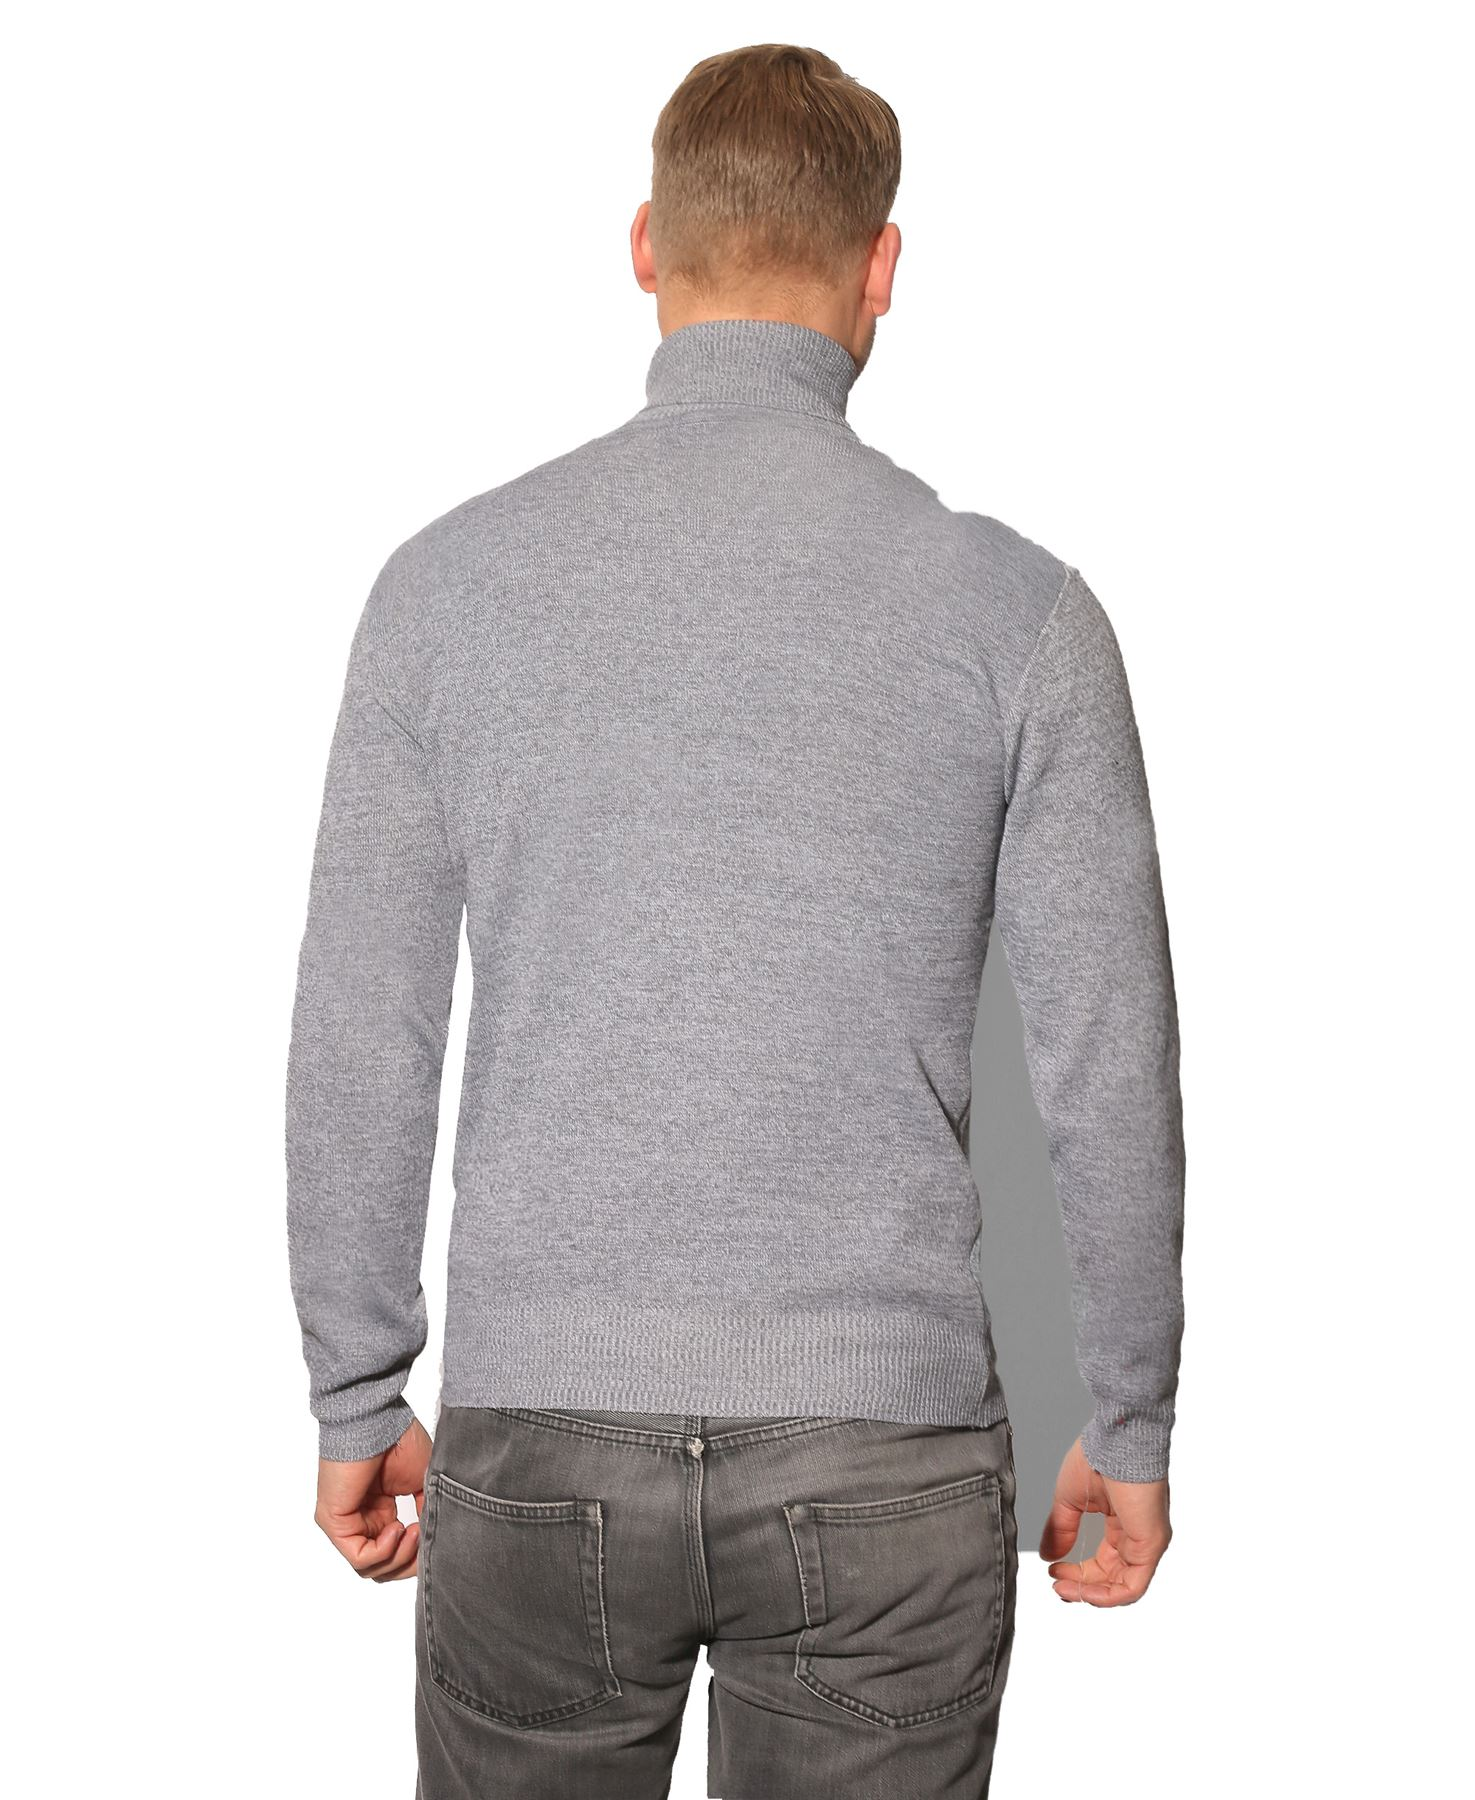 Jersey-Hombre-Lana-Caliente-Barato-Cuello-Vuelto-Alto-Talla-Grande-Frio-Invierno miniatura 13